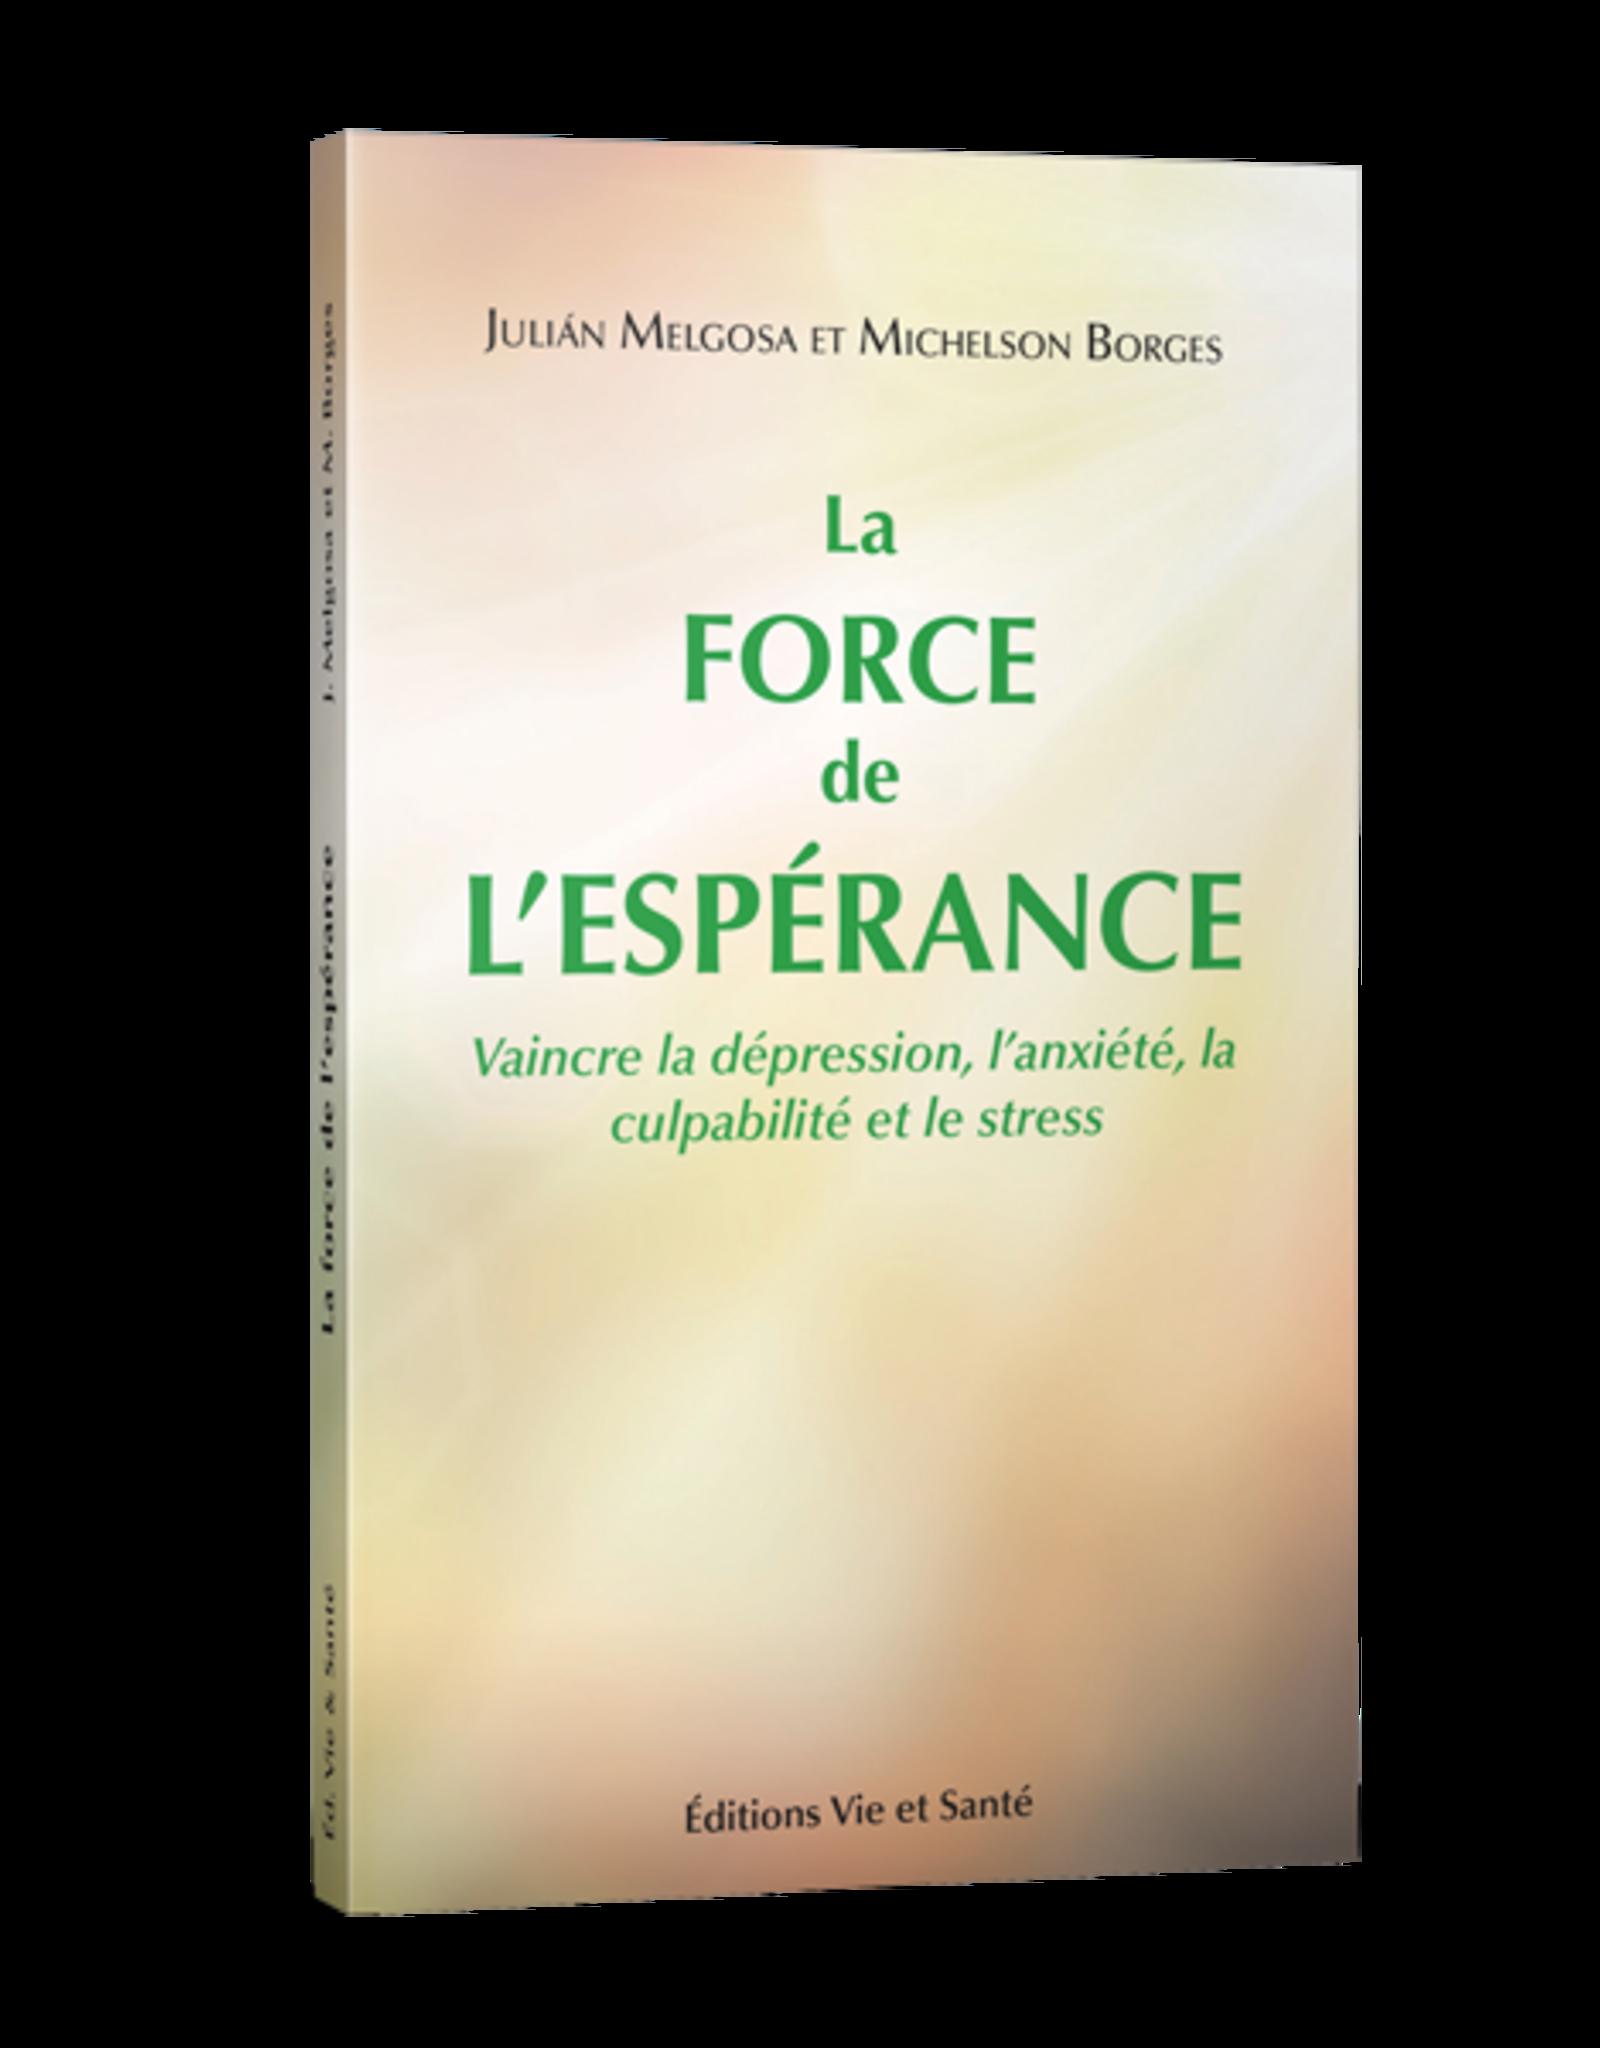 Julian Melgosa et Michelson Borges La force de l'espérance